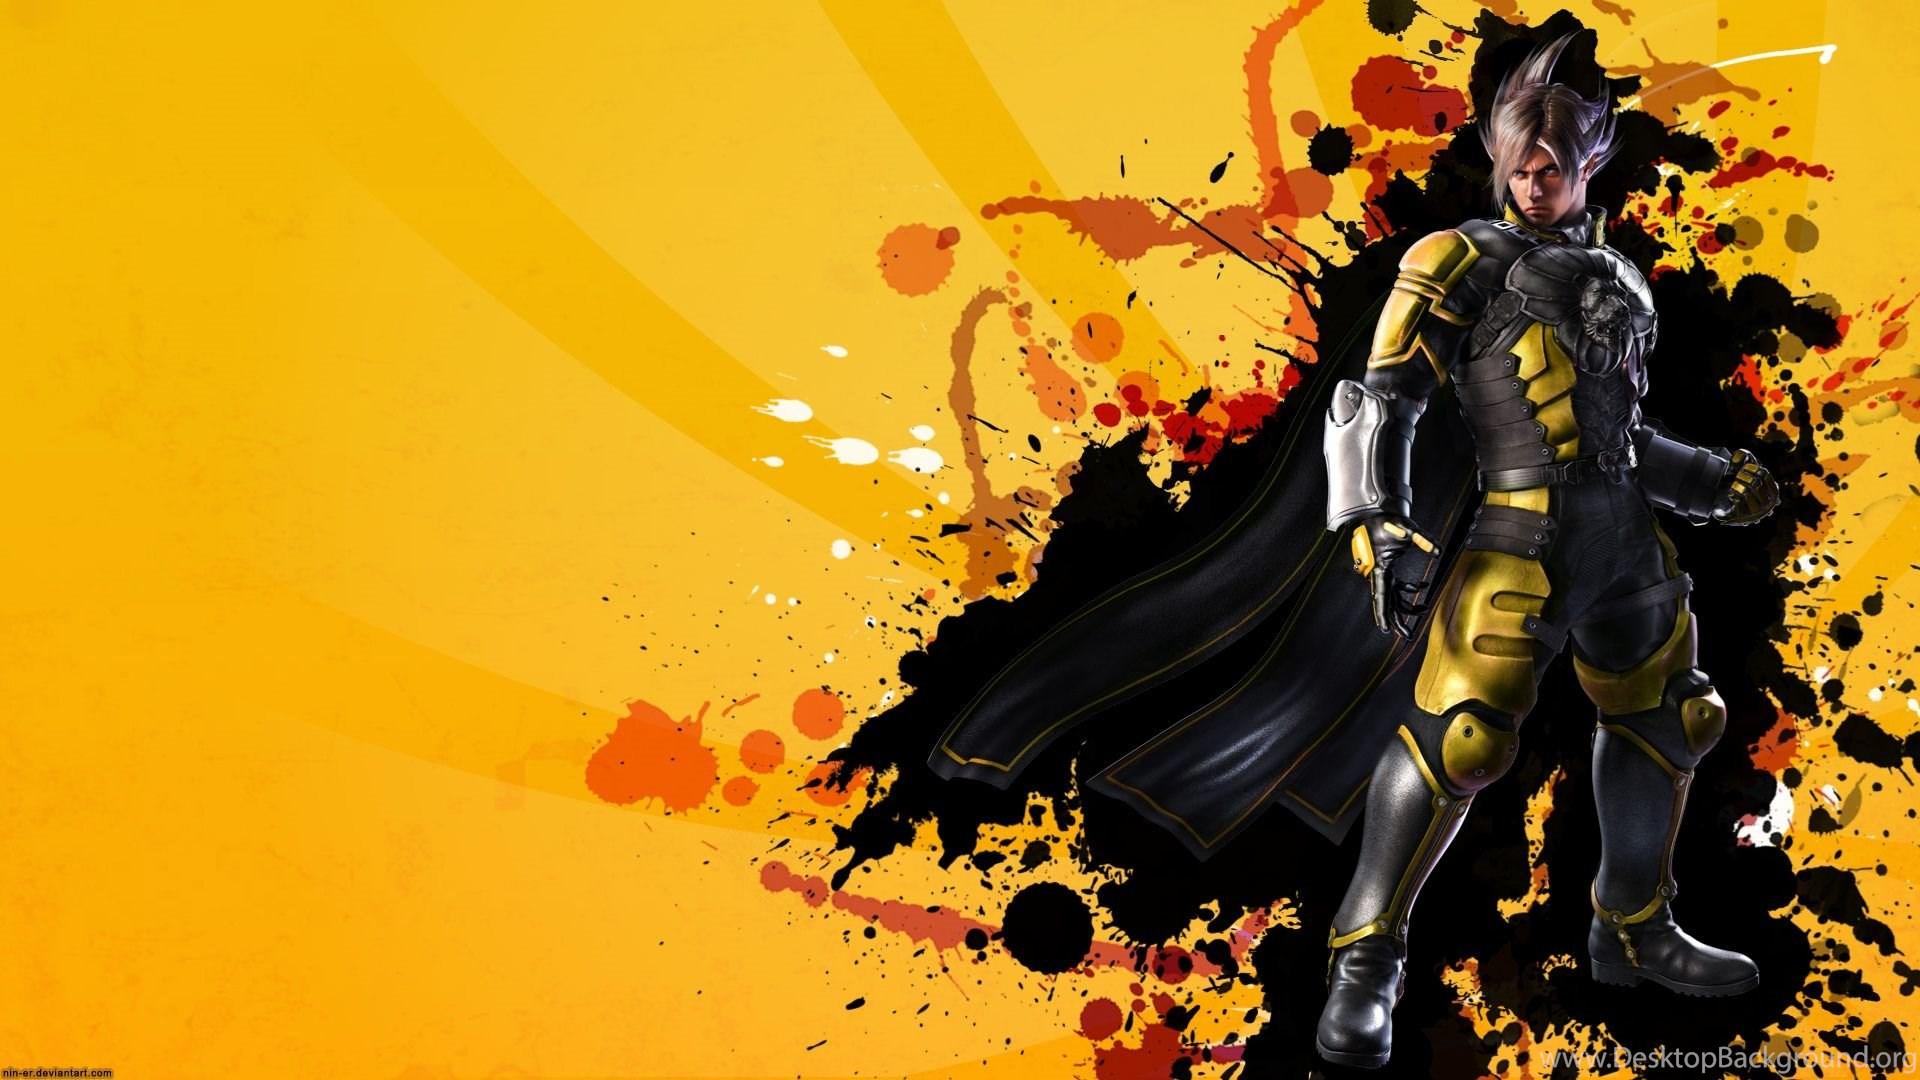 Download Tekken 7 King Best Wallpapers Gallery Desktop Background